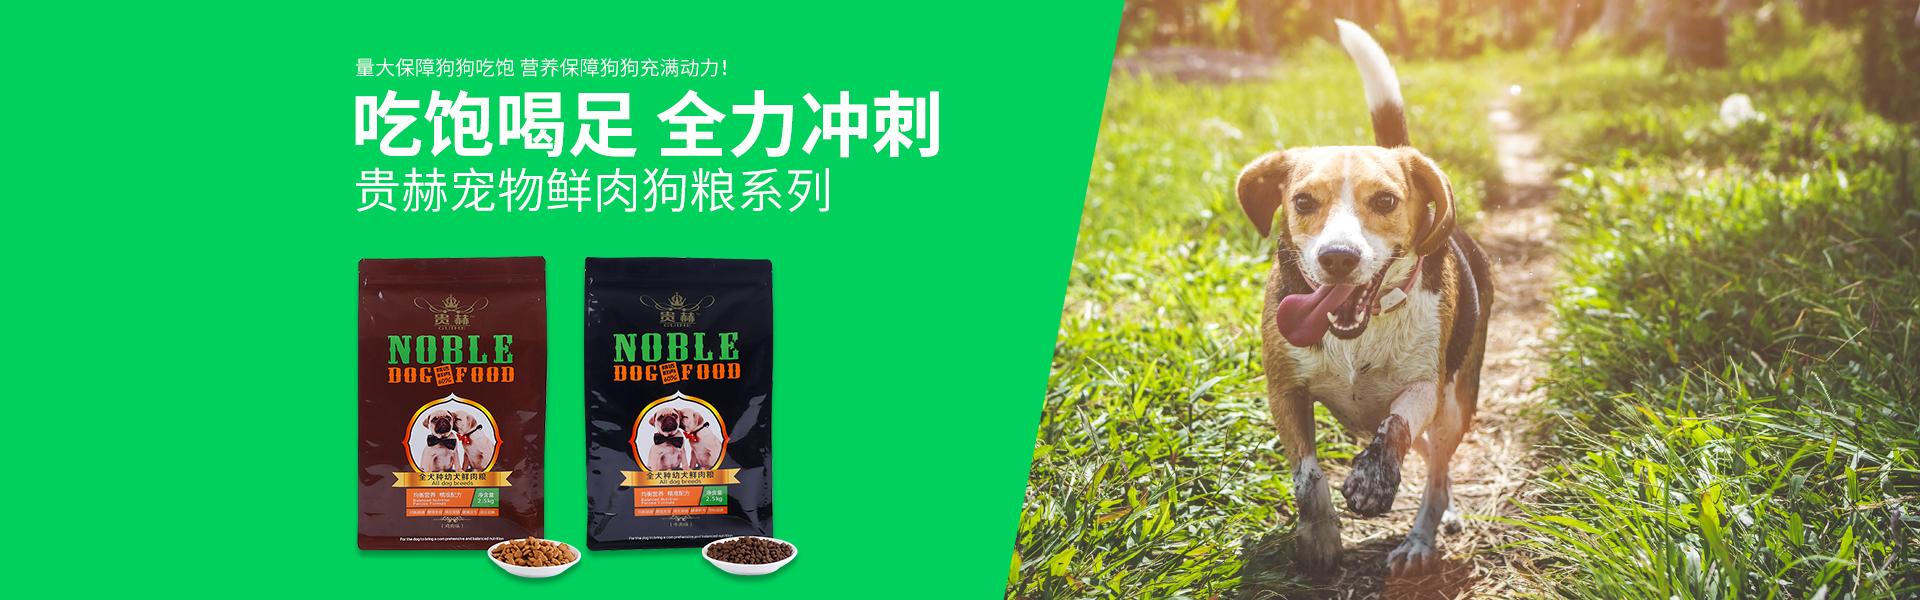 山东贵赫宠物食品有限公司是一家专业生产猫粮,狗粮,宠物保健品,宠物喷剂的厂家,并常年进行猫粮狗粮的OEM代加工,自有产品品牌包括贵赫,掌心宝等,有需要的客户欢迎前来洽谈.